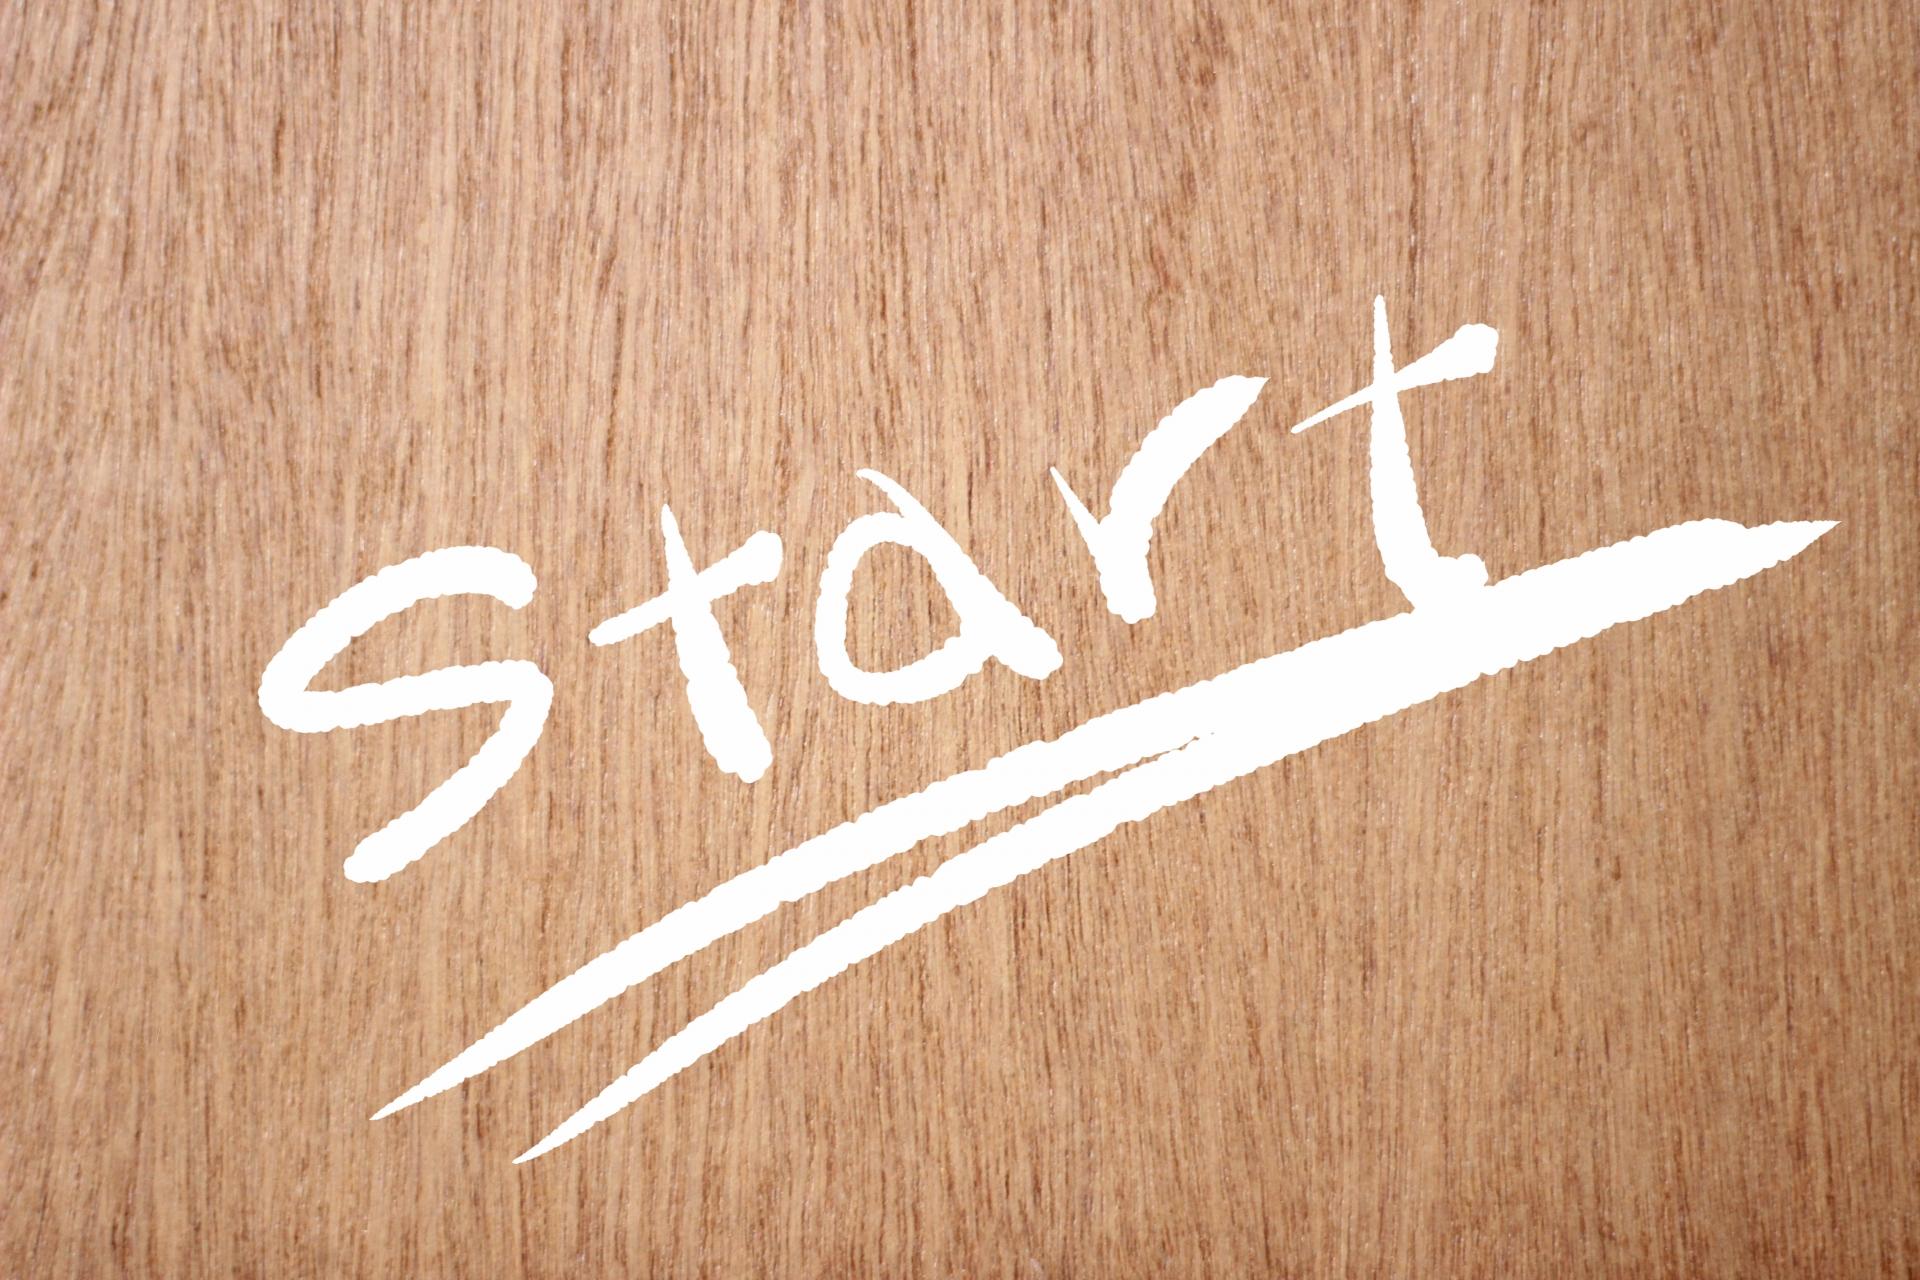 個人事業の開業手続き方法|業種ごとに必要な届け出や進め方